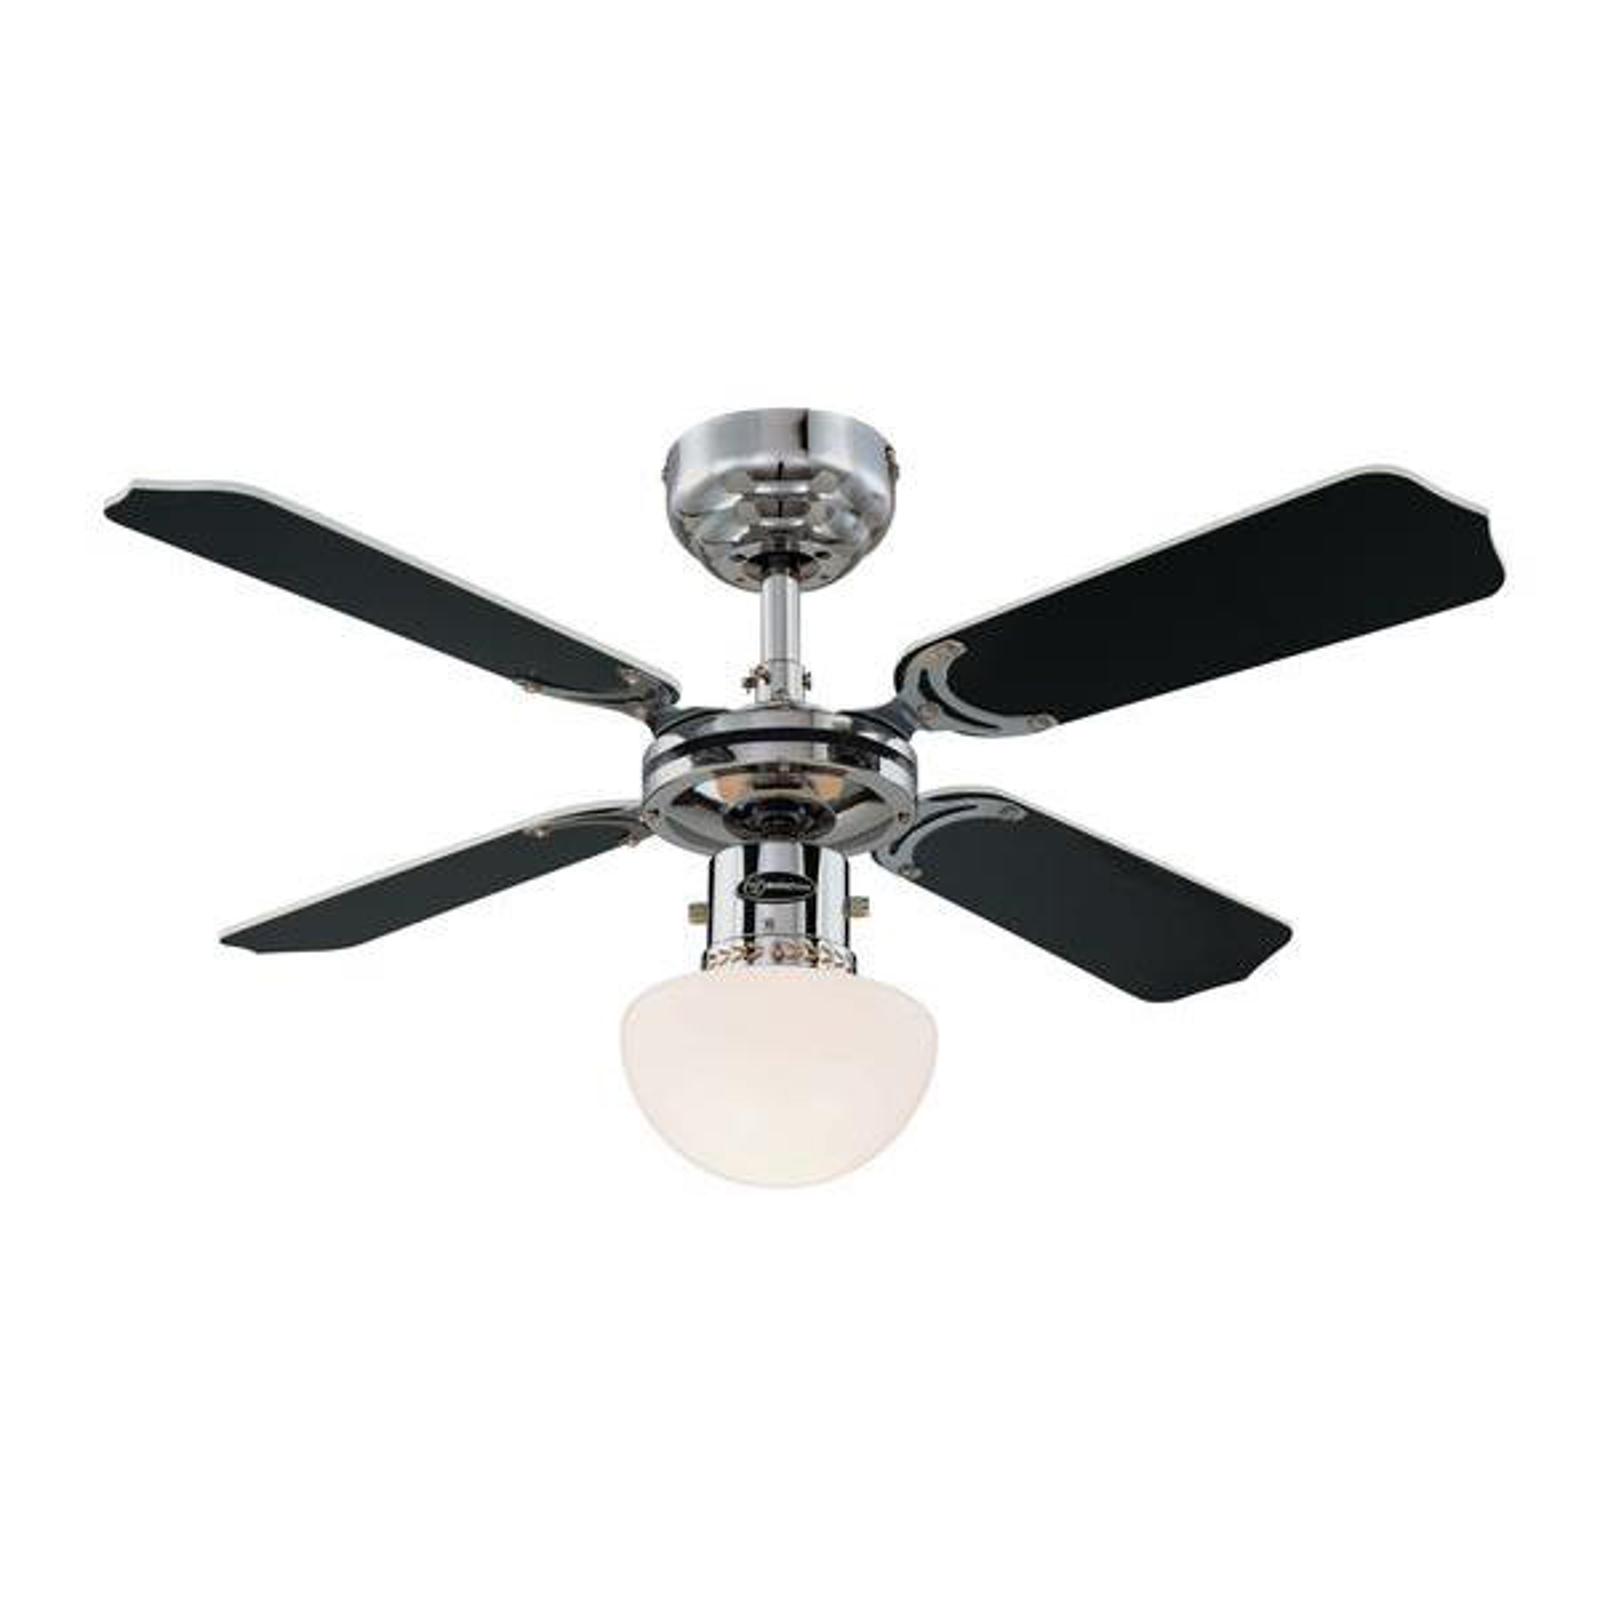 Ventilateur de plafond lumineux PORTLAND AMBIANCE